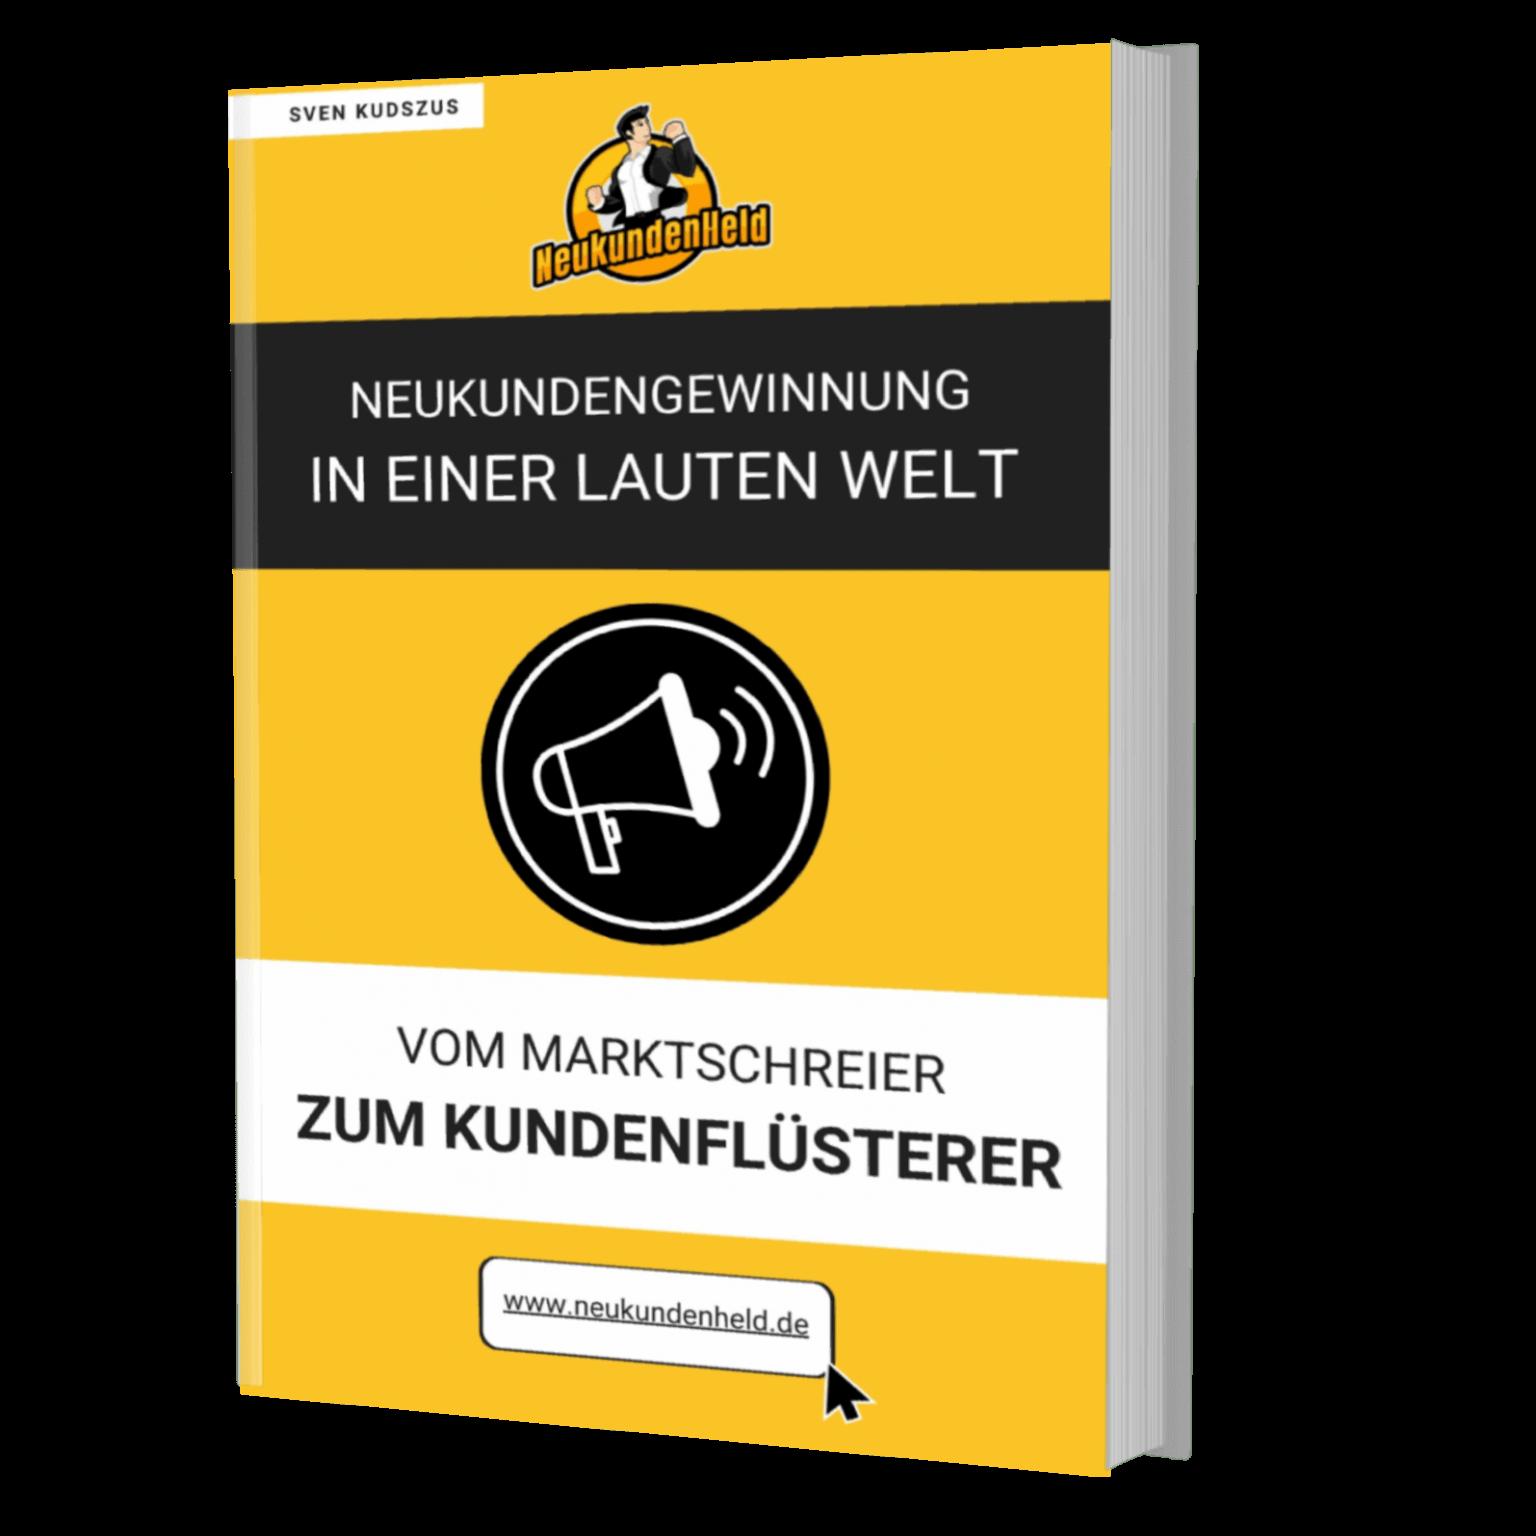 Onlinemarketing und Neukundengewinnung www.Neukundenheld.de